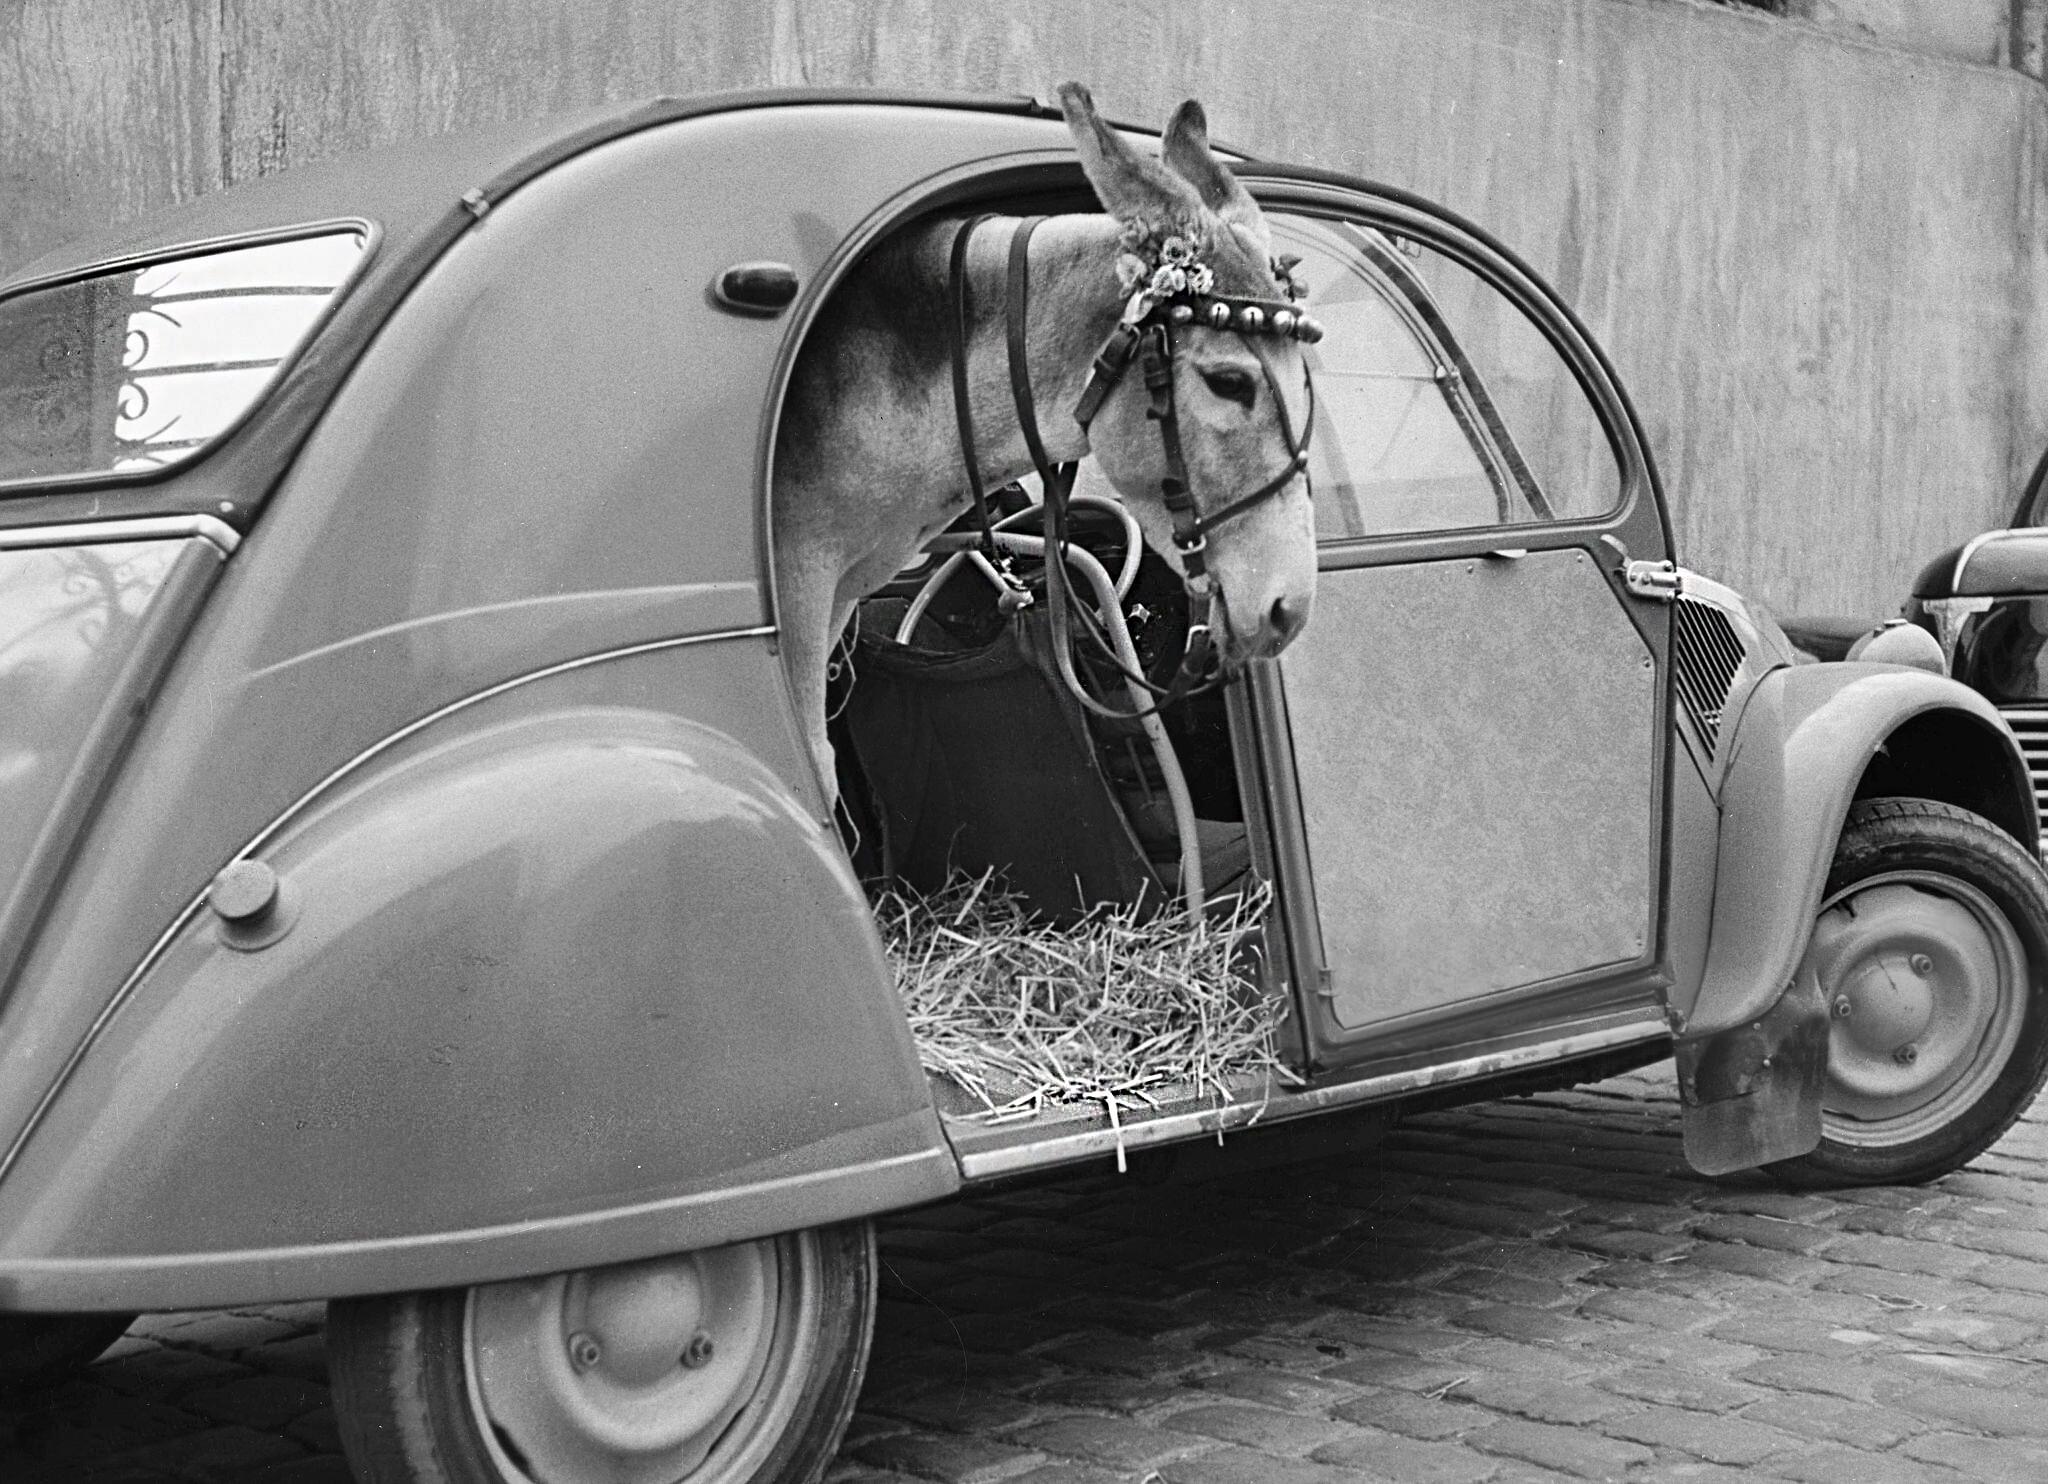 Осёл в микролитражном Citroën 2CV. Франция, ок. 1950. Из коллекции агентства Roger Viollet